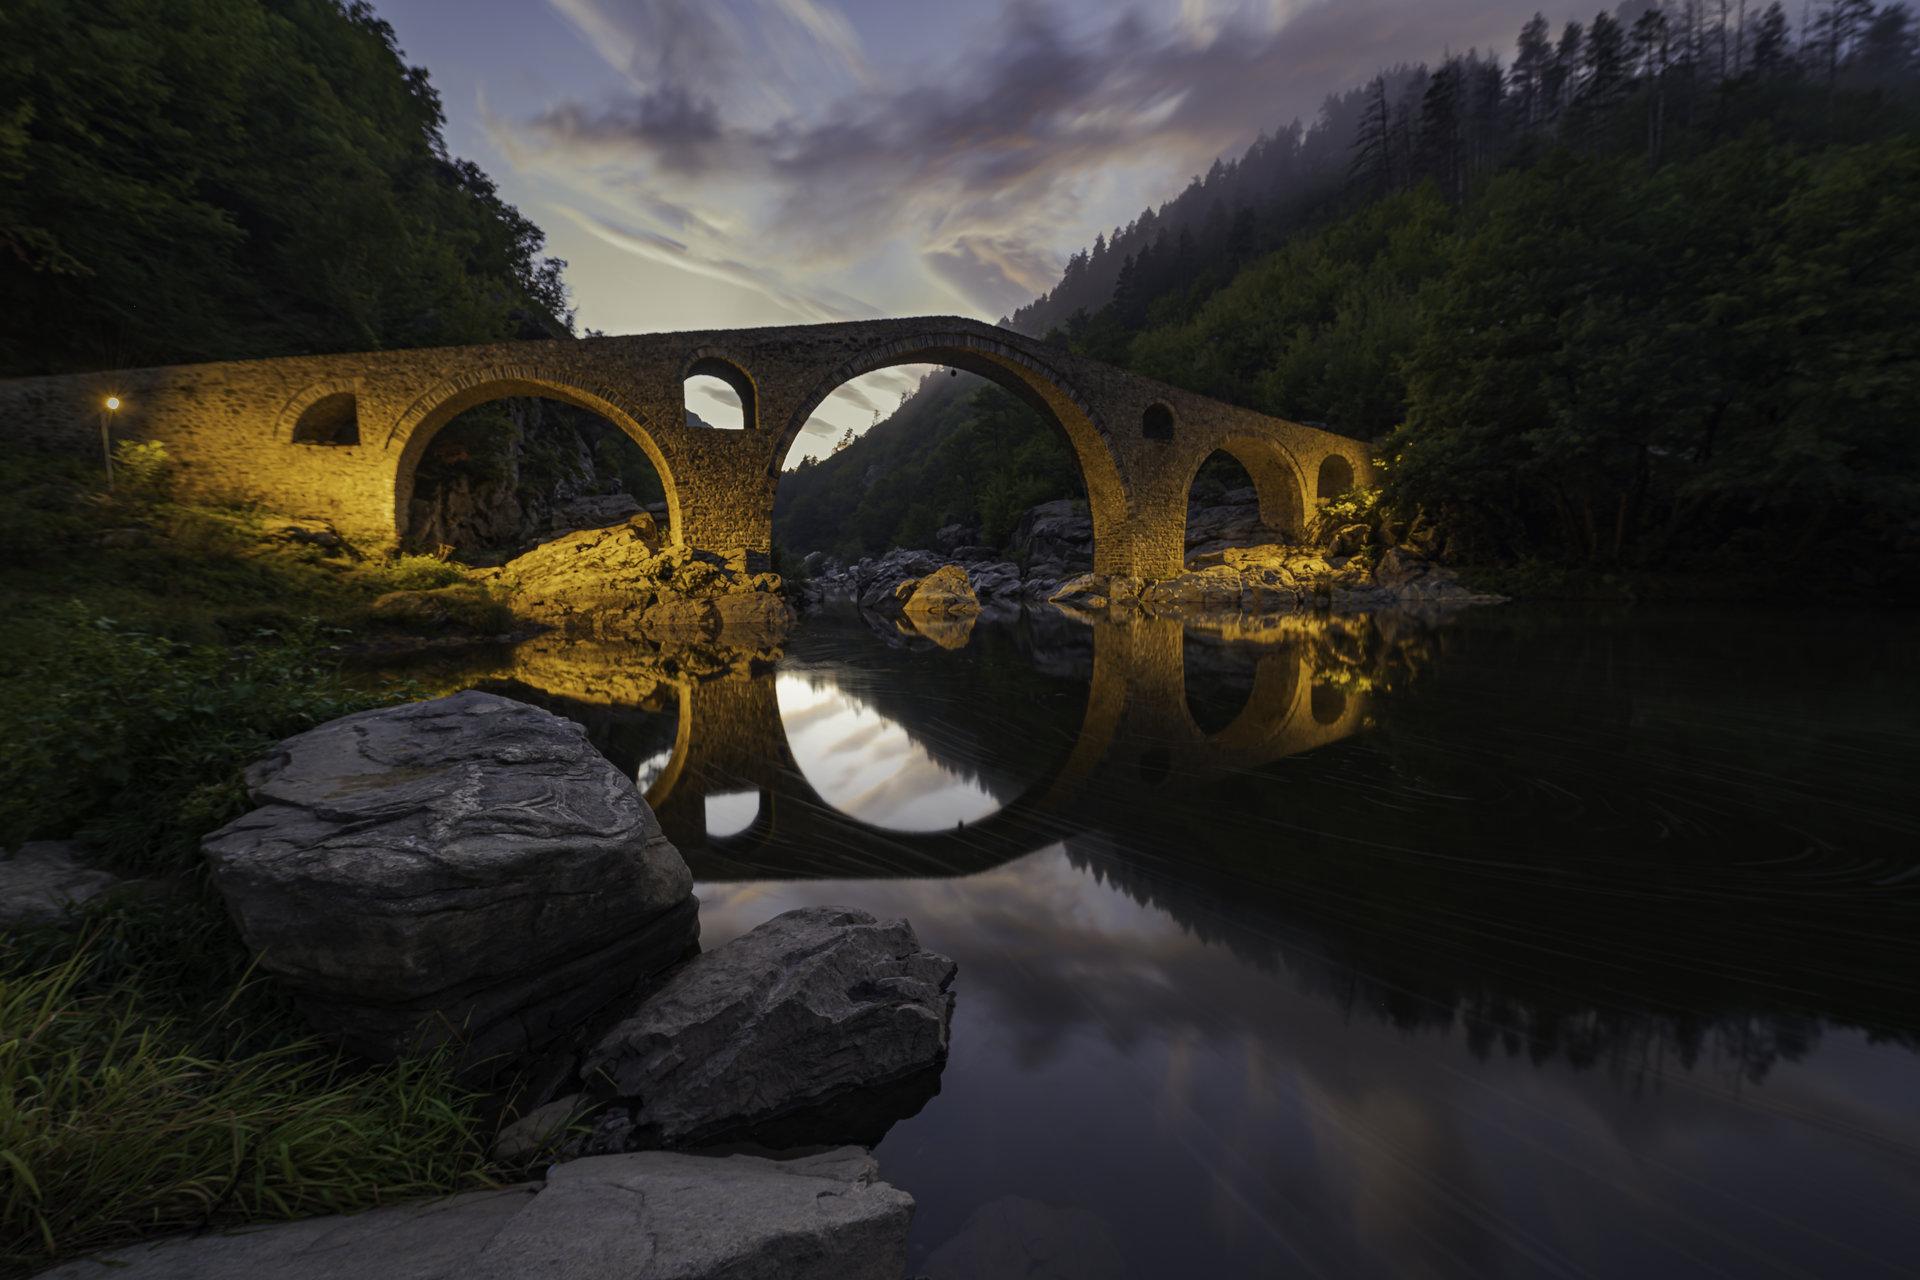 Мост   Author skiahtro  - skiahtro   PHOTO FORUM